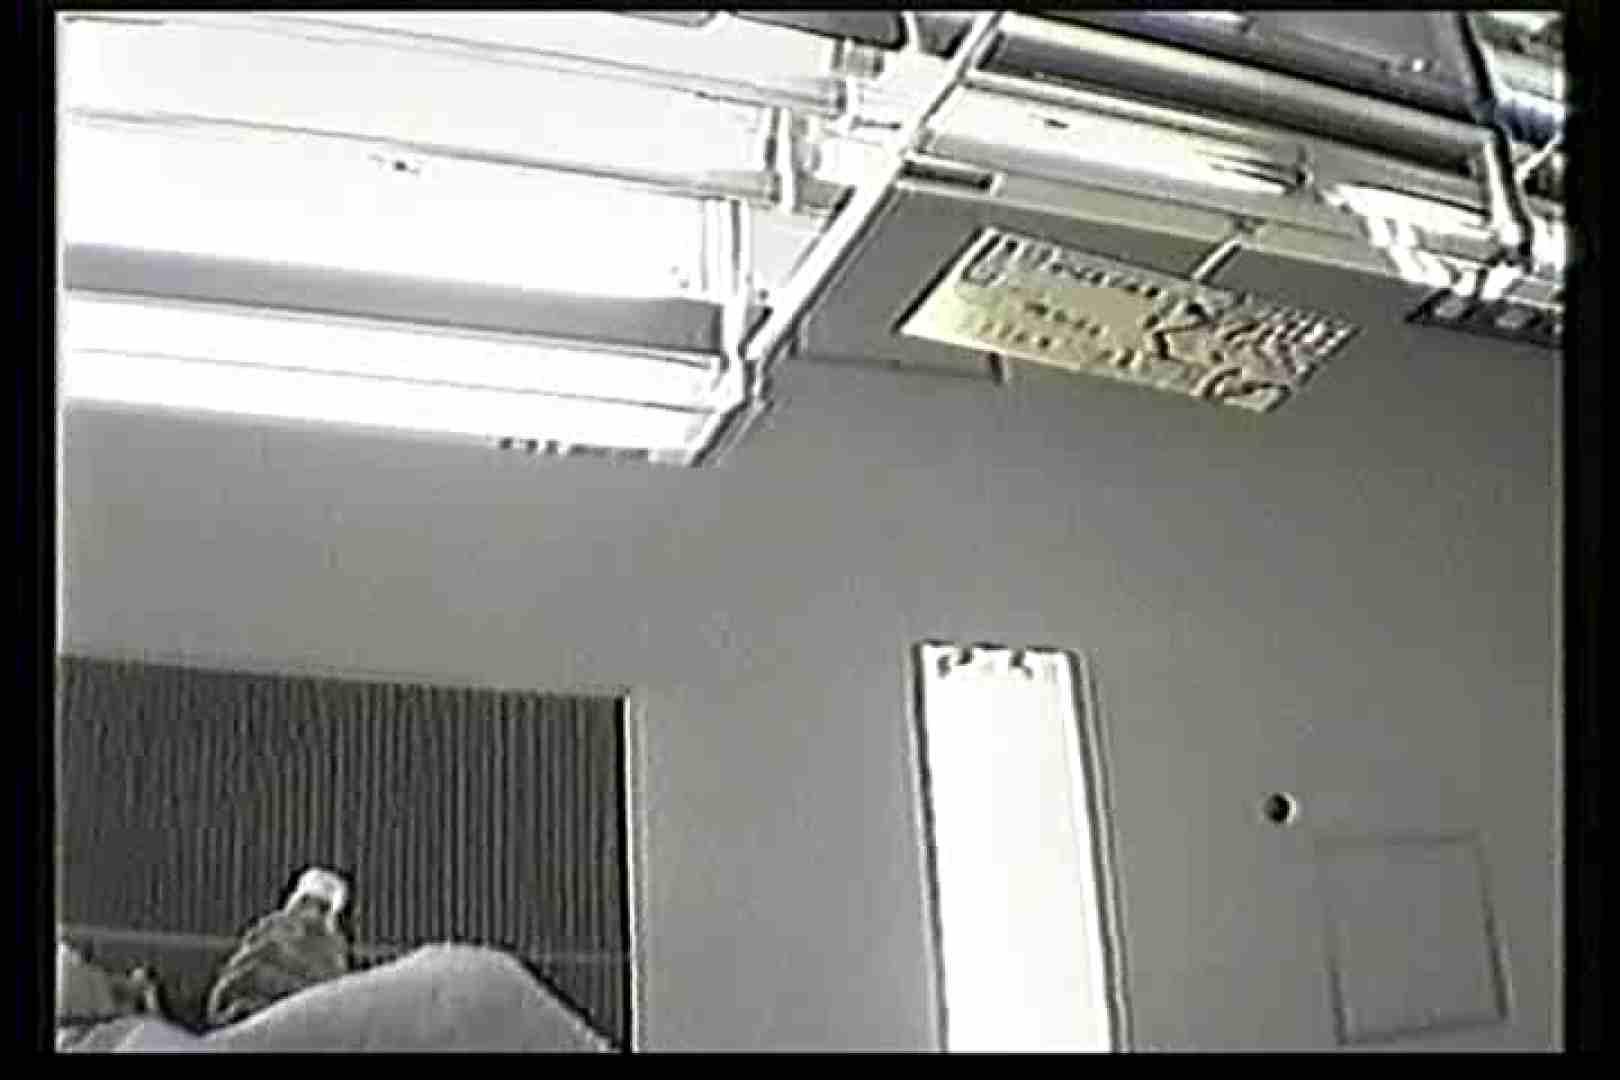 院内密着!看護婦達の下半身事情Vol.2 覗き 盗み撮り動画キャプチャ 93pic 83